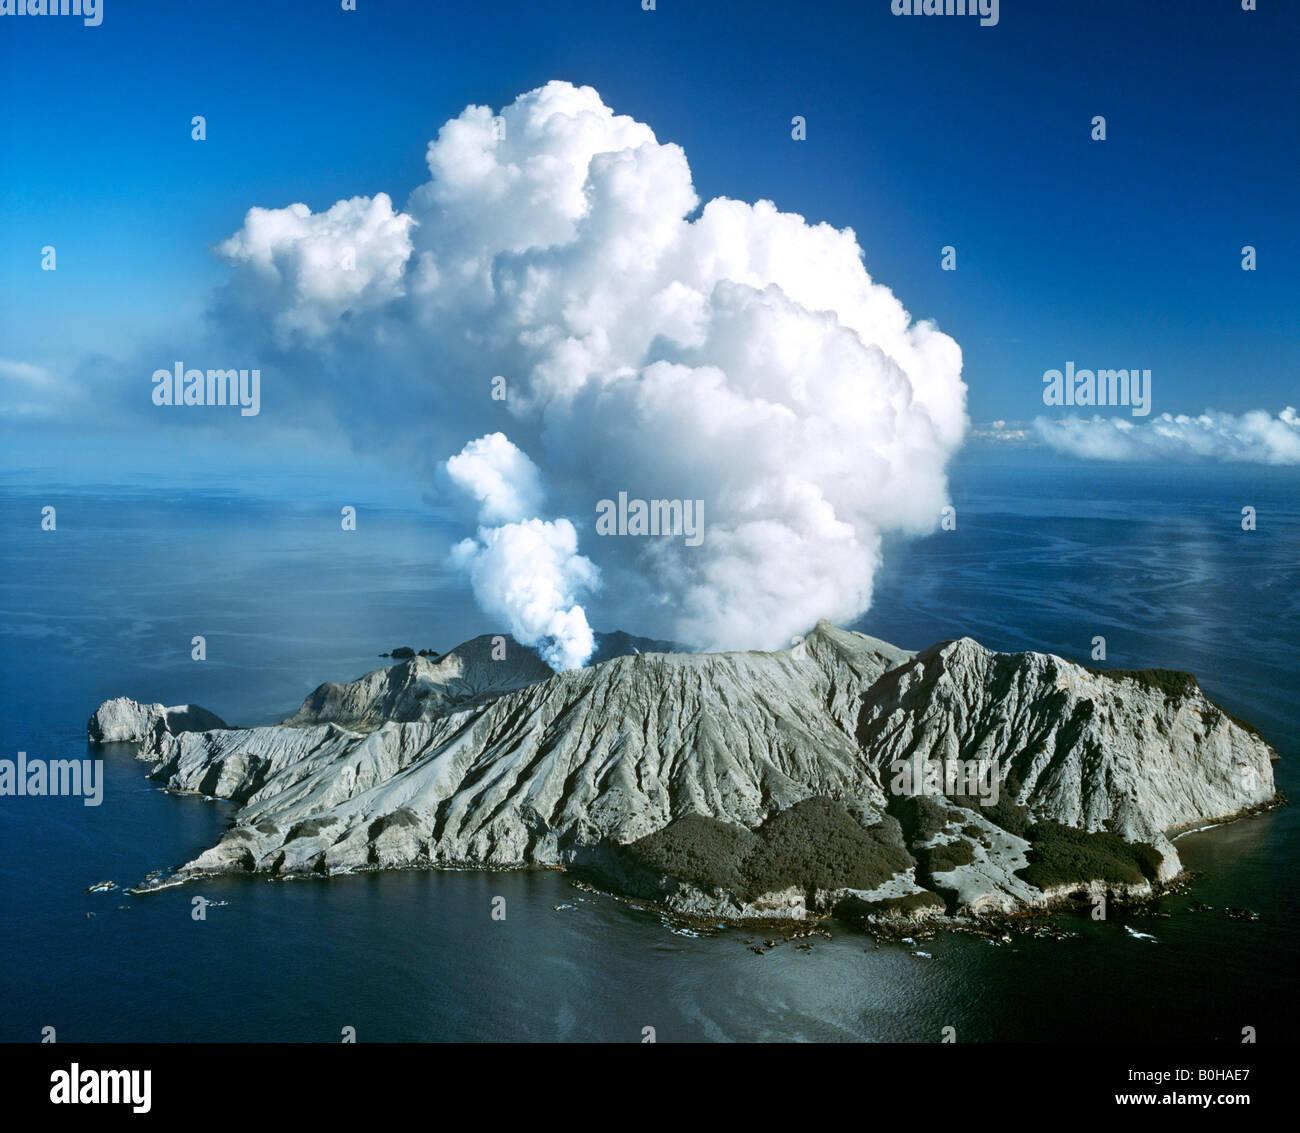 Isla Blanca, erupción volcánica, Bahía de Plenty, Isla del Norte, Nueva Zelanda Imagen De Stock